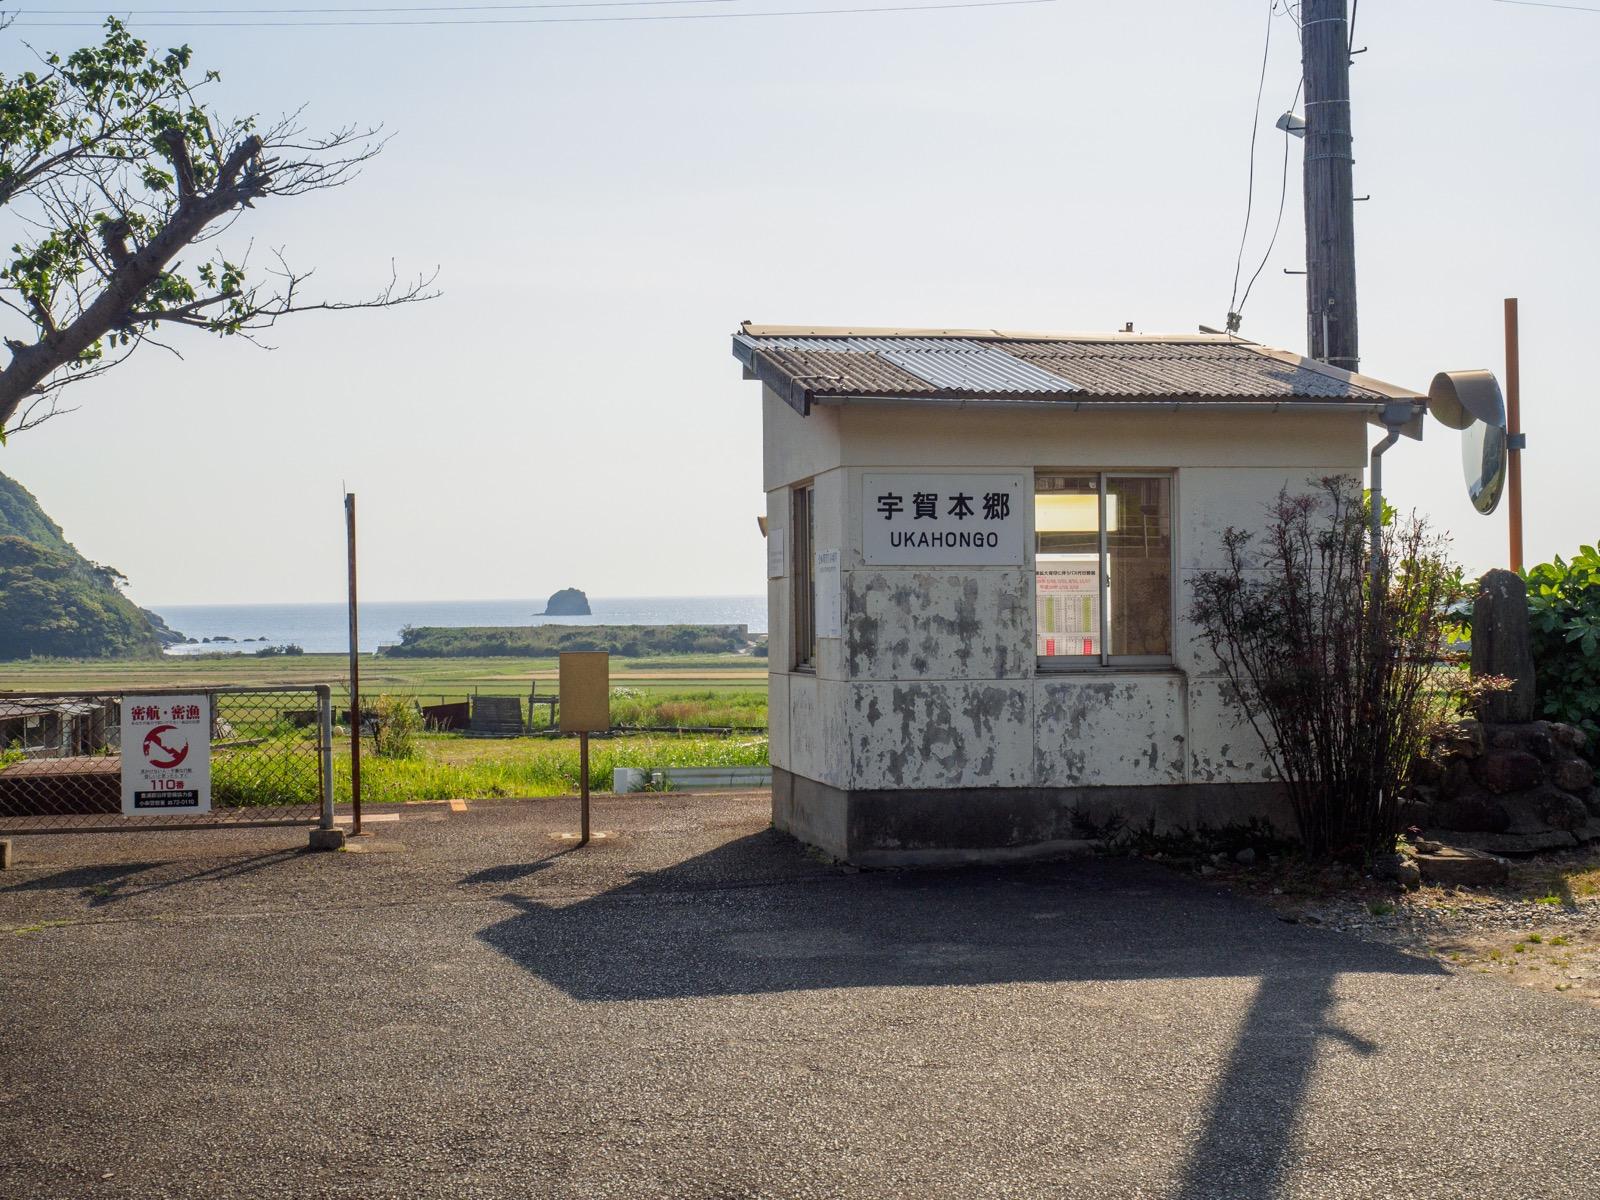 宇賀本郷駅の待合室と響灘